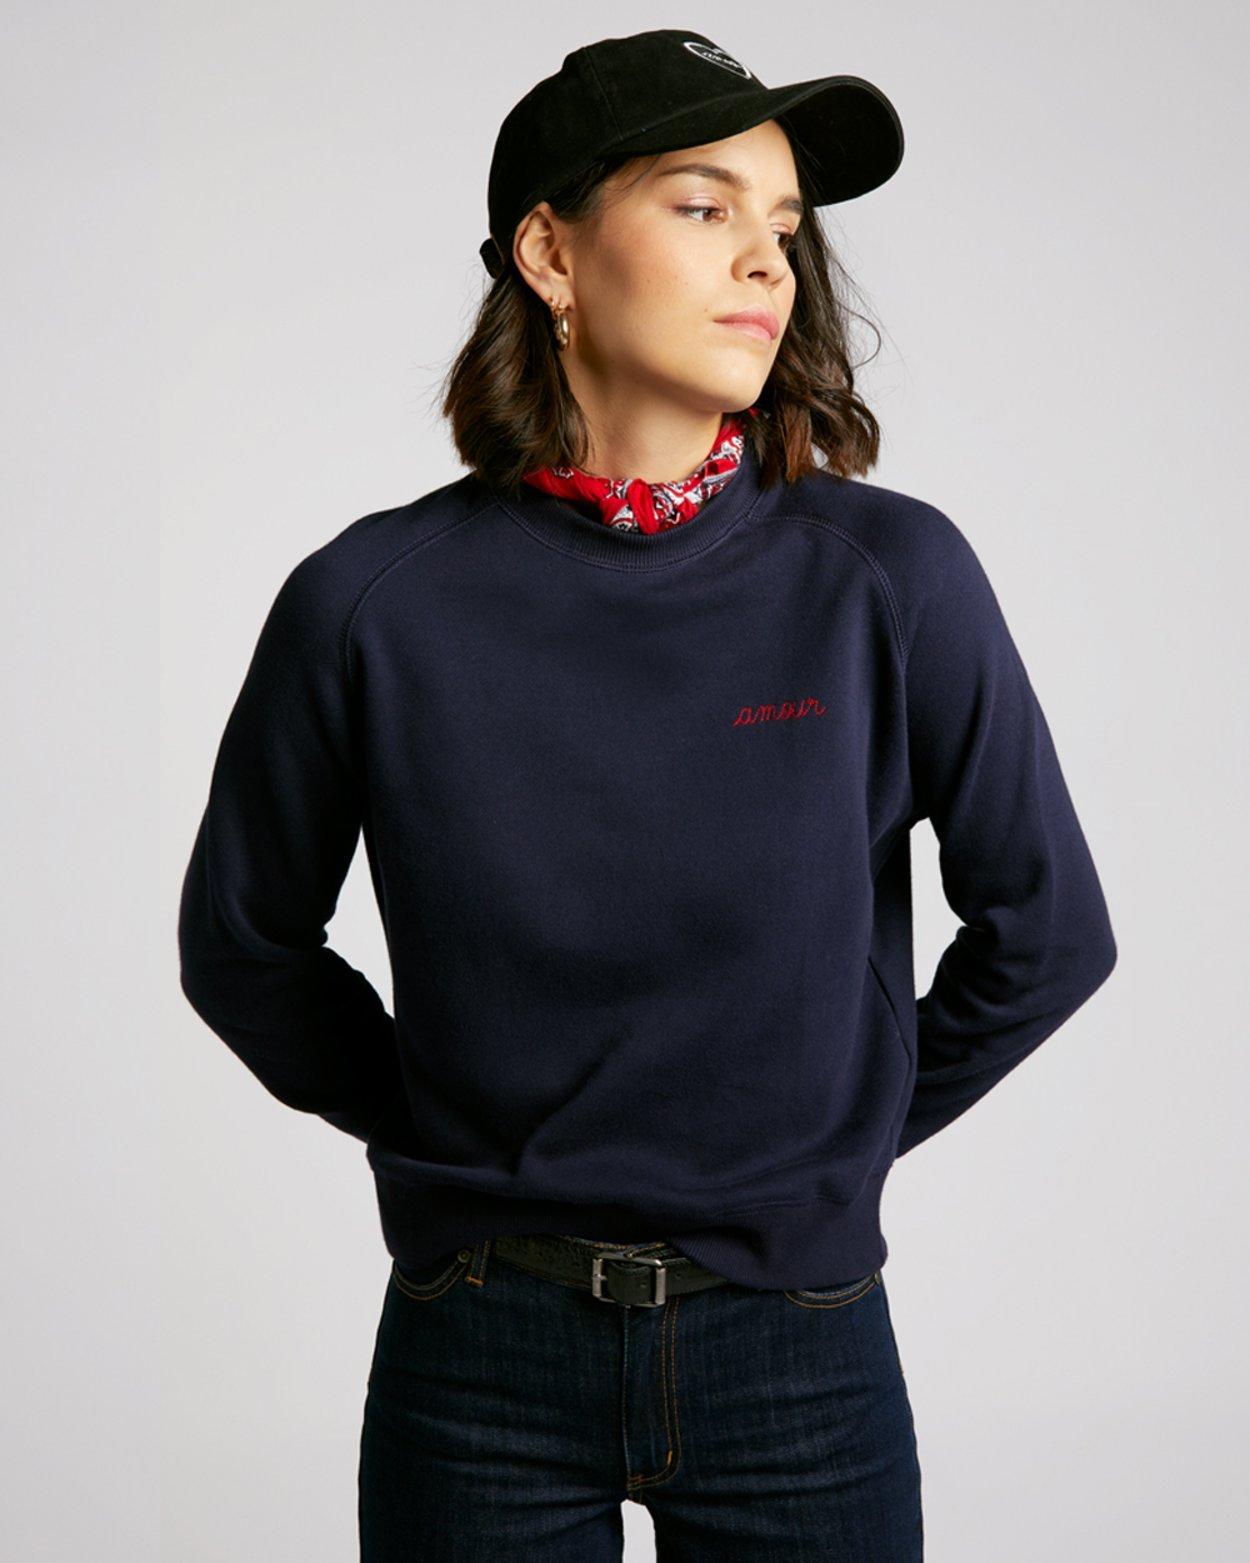 Amour Sweatshirt